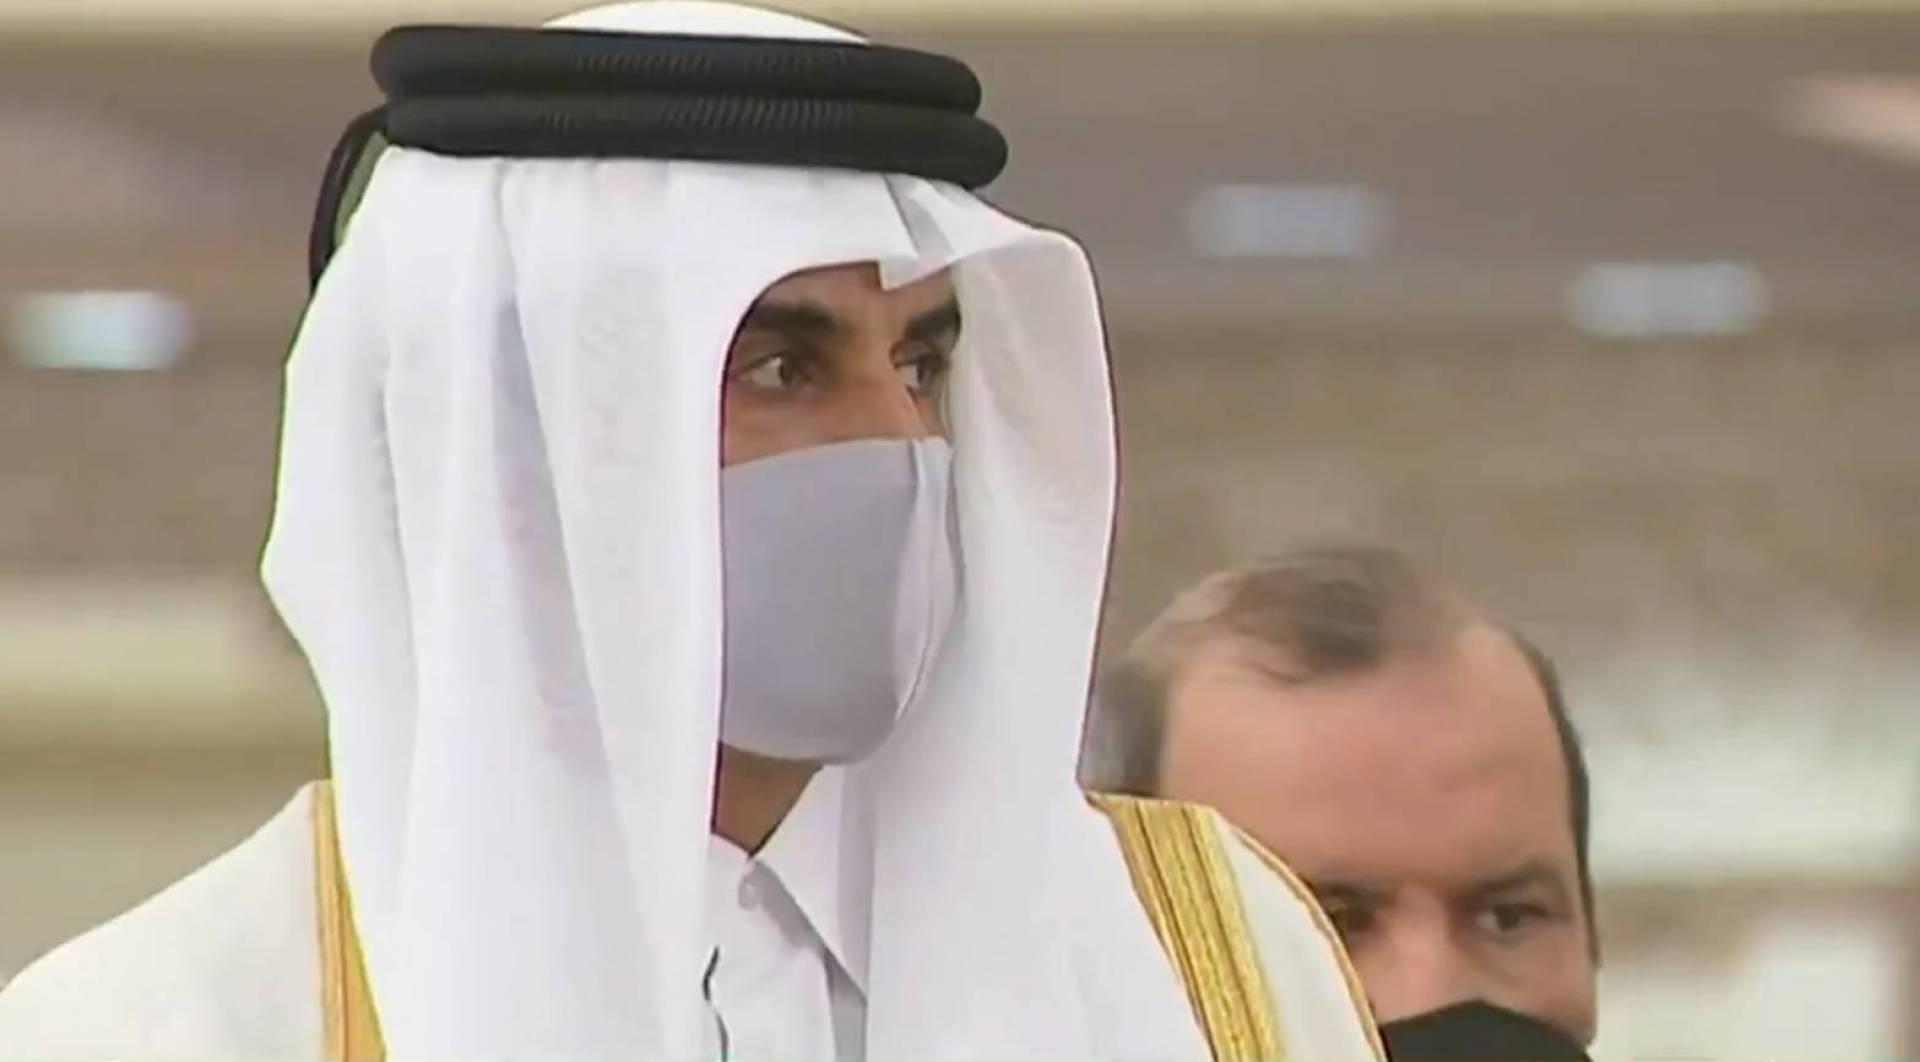 صورة لأمير قطر أثناء تأدية واجب العزاء في الأمير الراحل